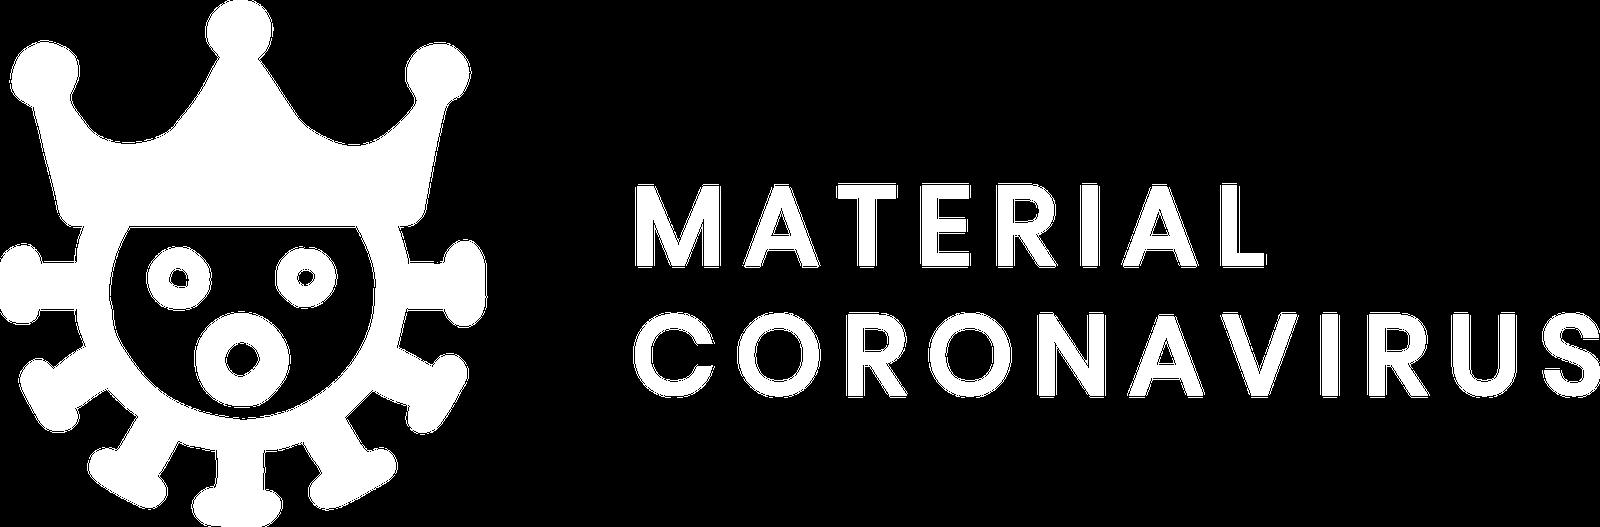 MATERIAL CORONAVIRUS